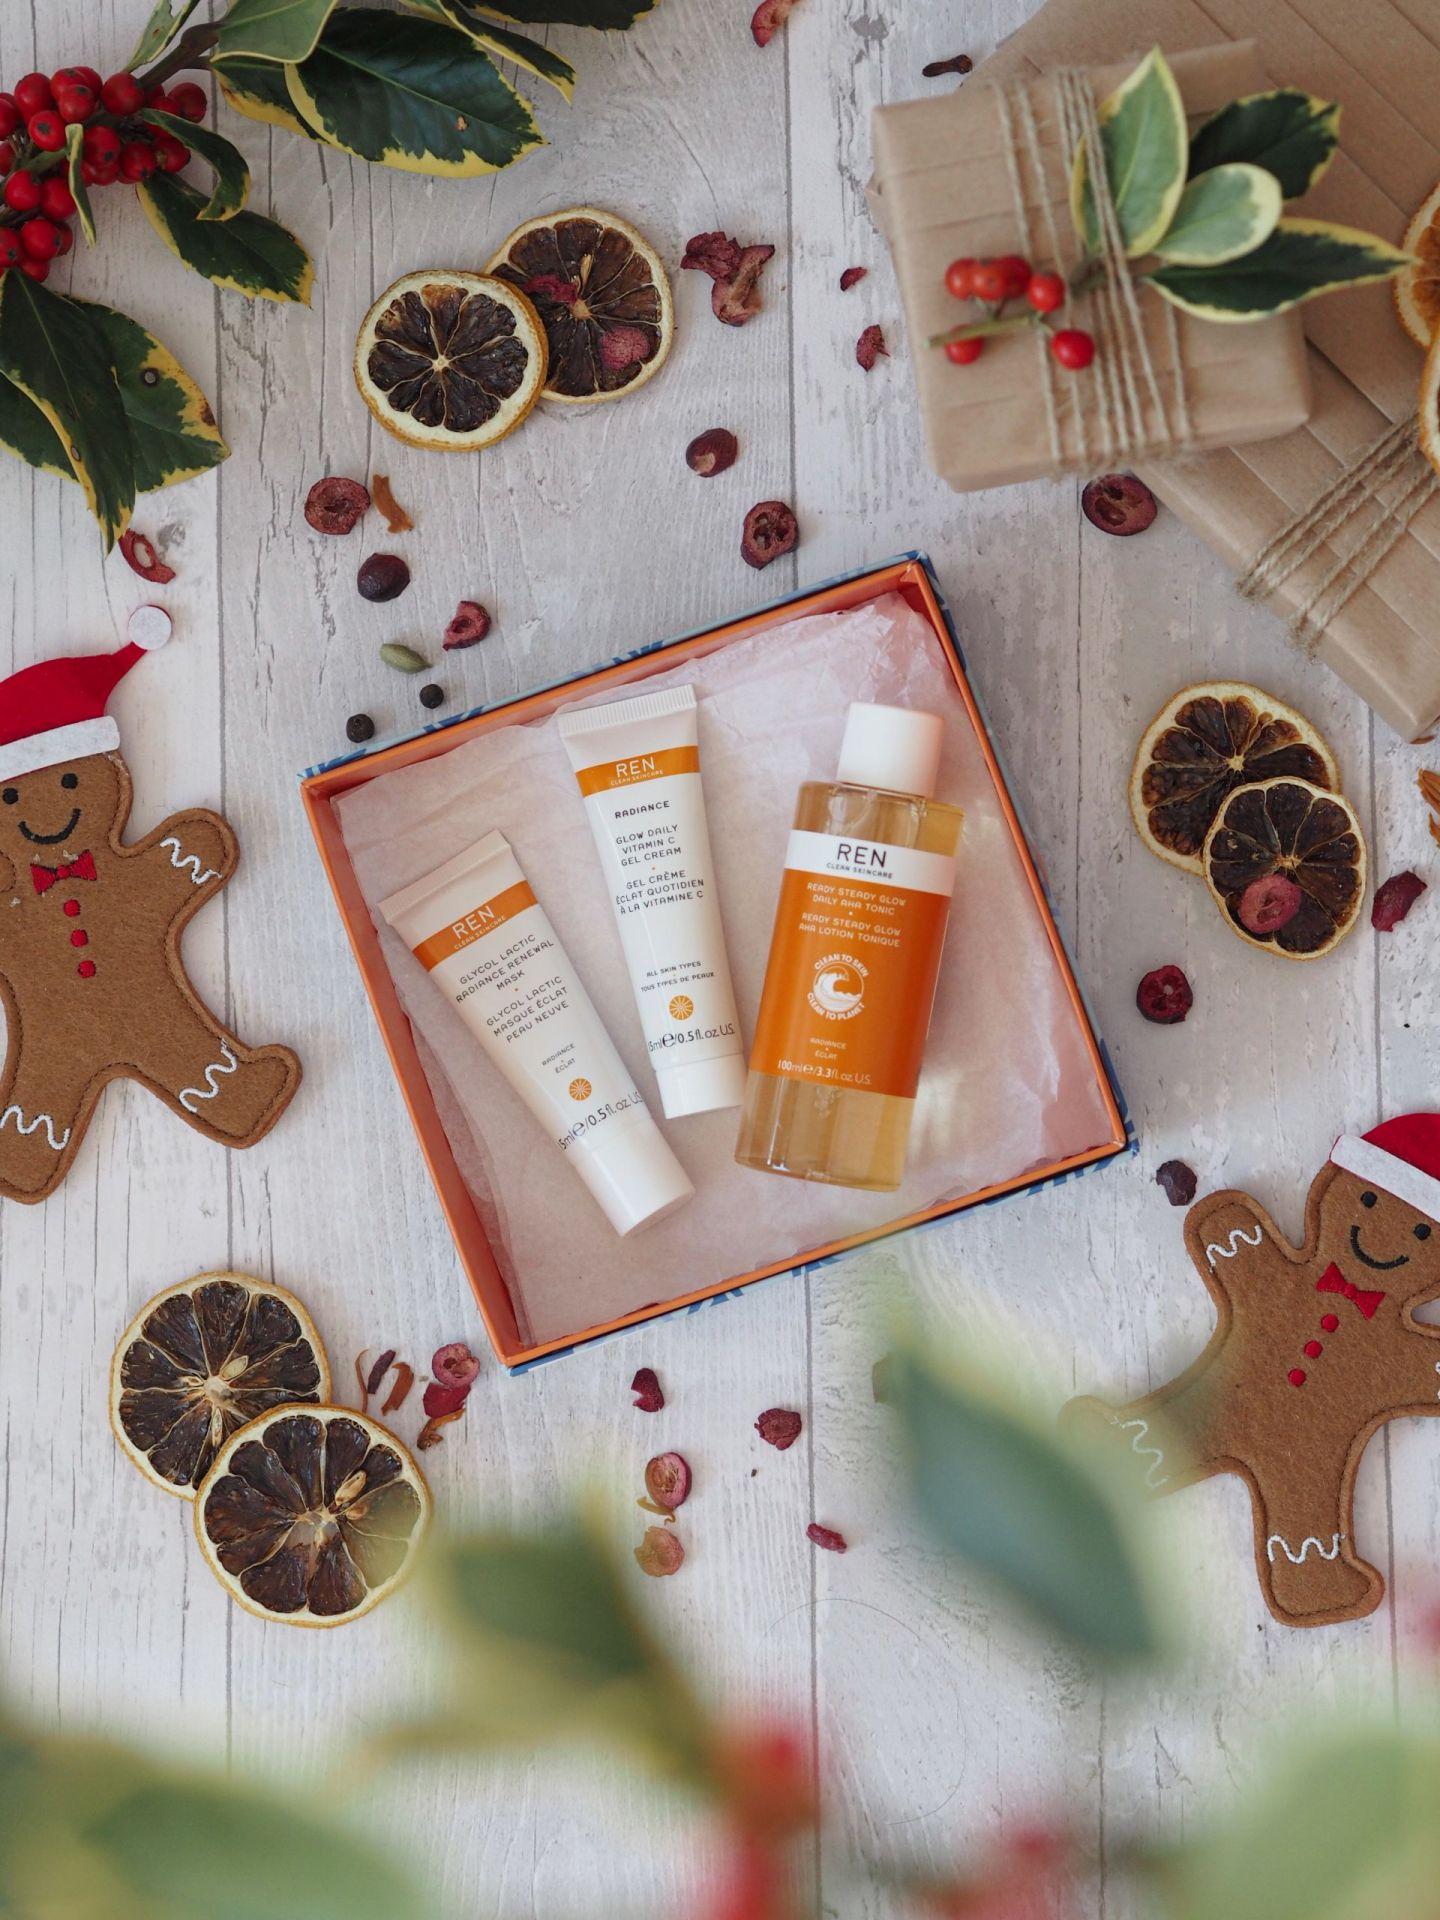 Ren Skincare - Glow To Go Trio Gift Set